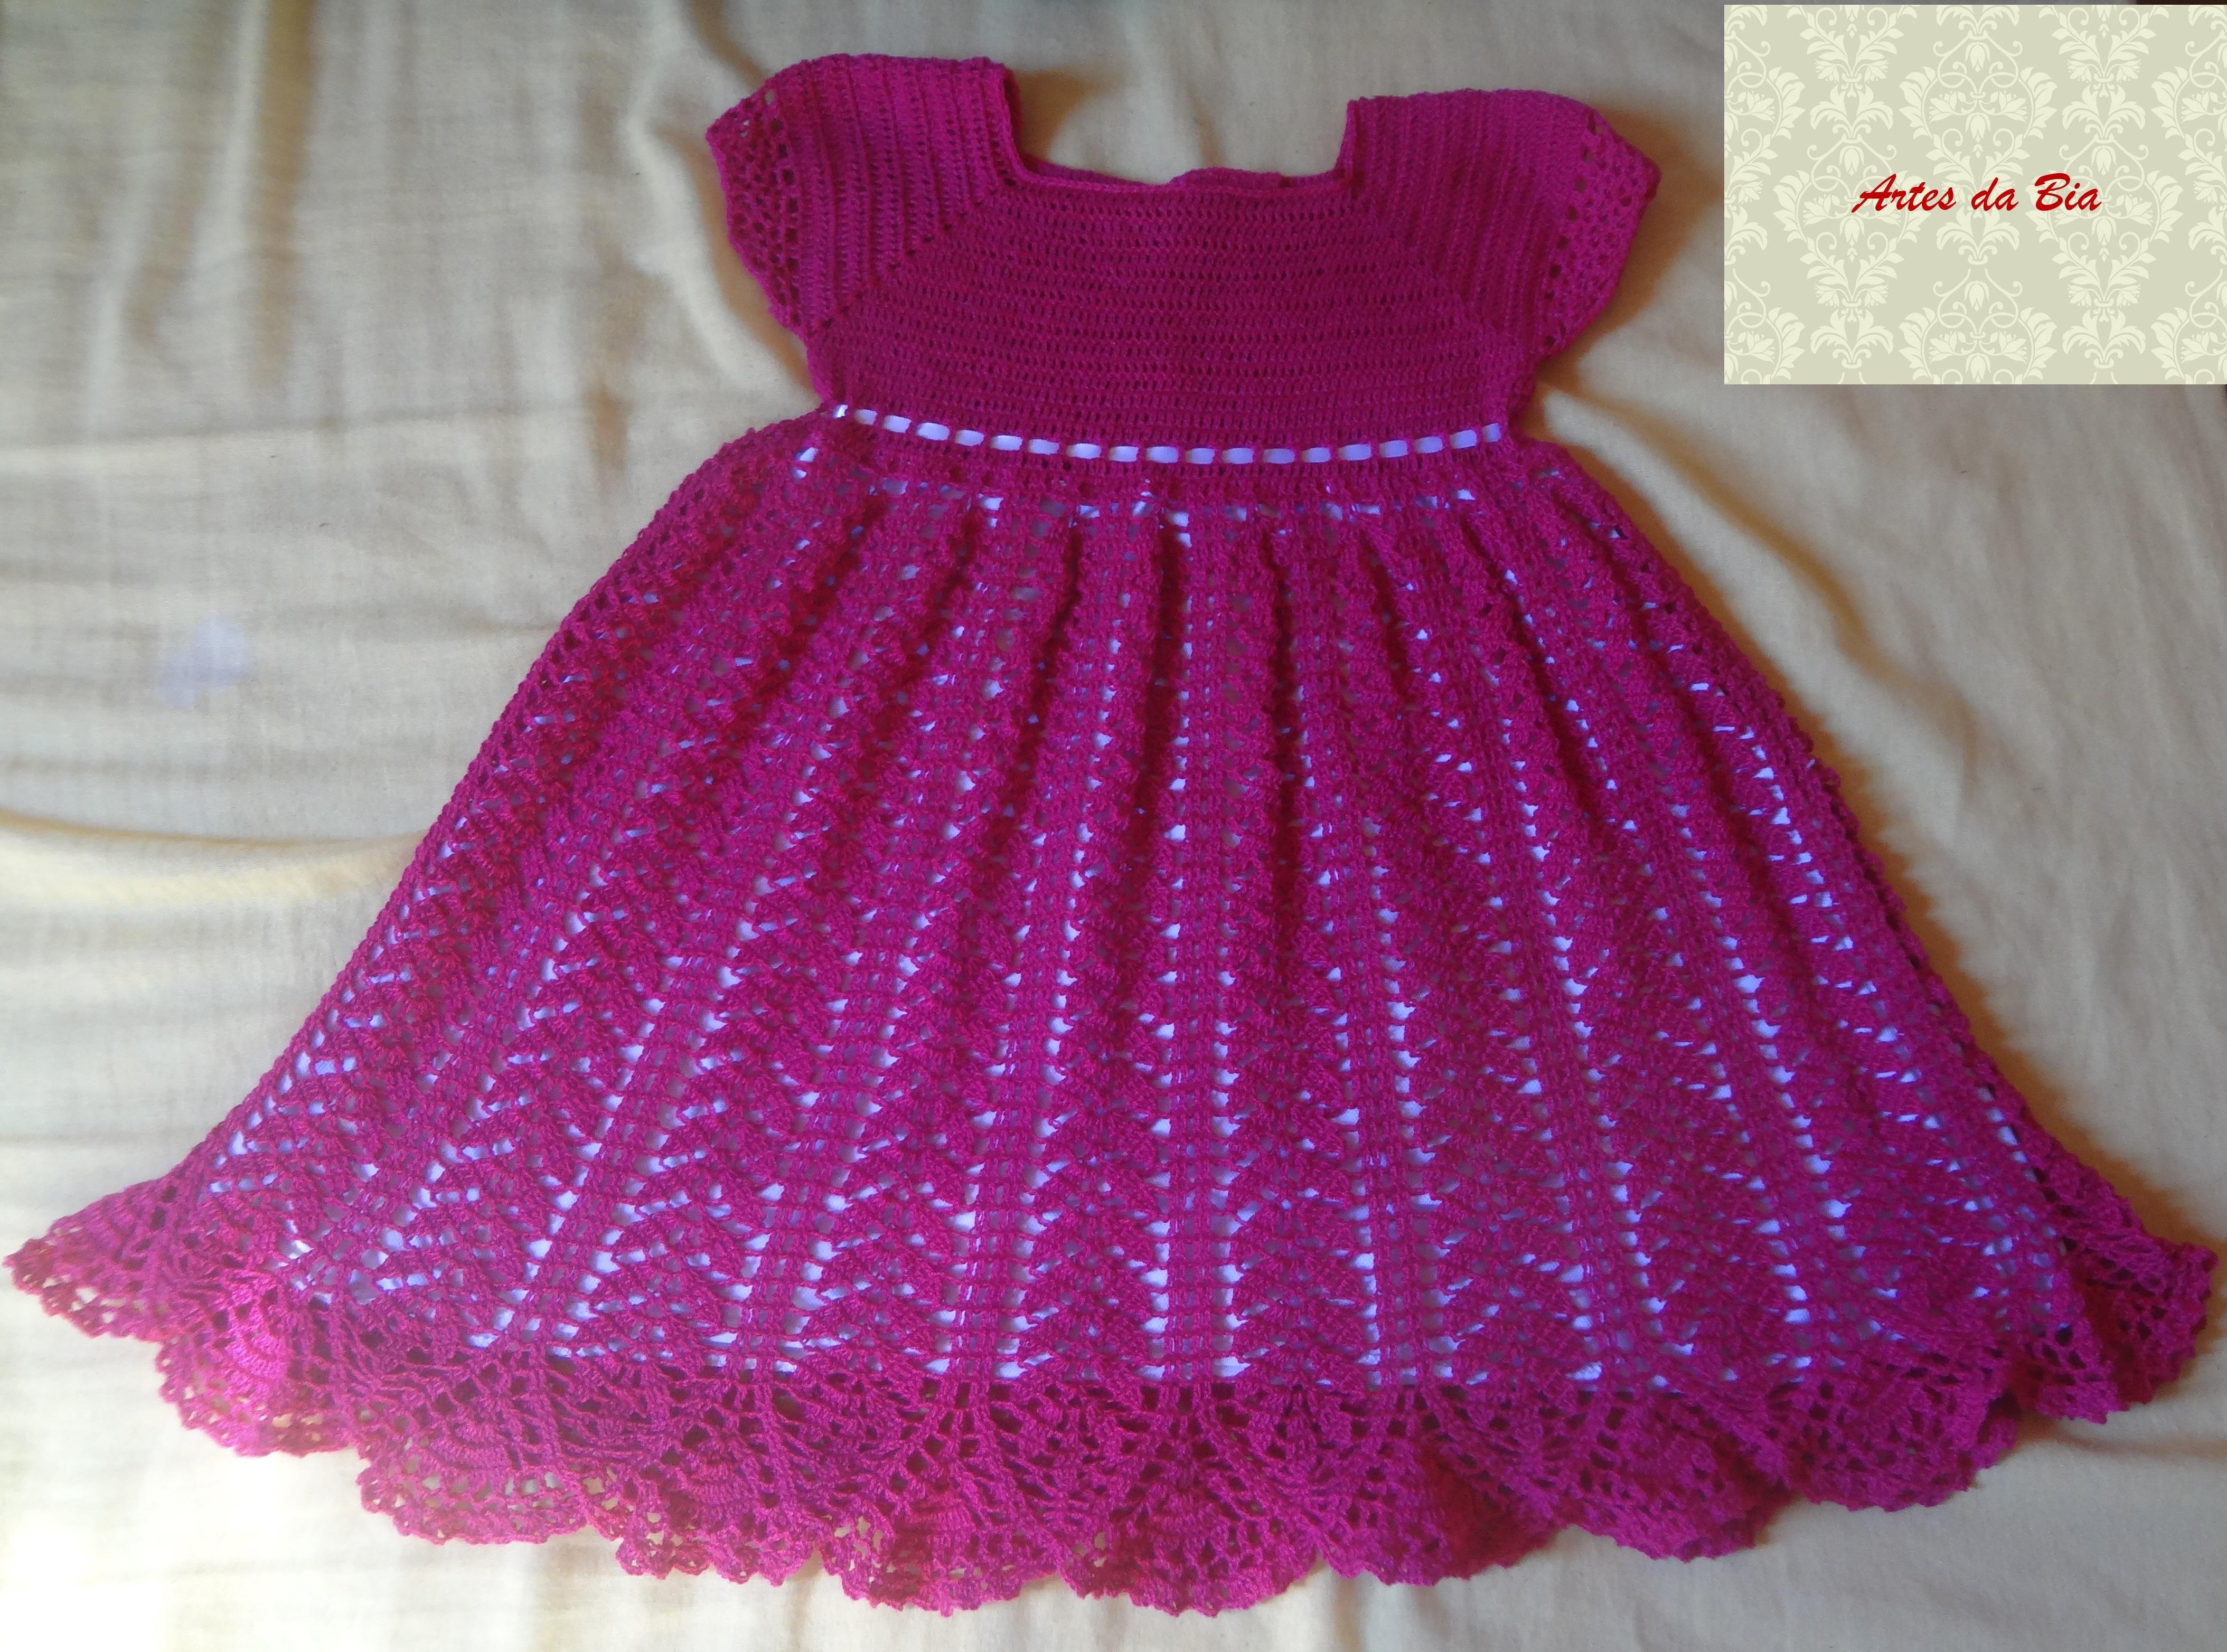 Muitas vezes Vestido crochê infantil no Elo7 | Artess da Bia (7A9E6A) HZ89